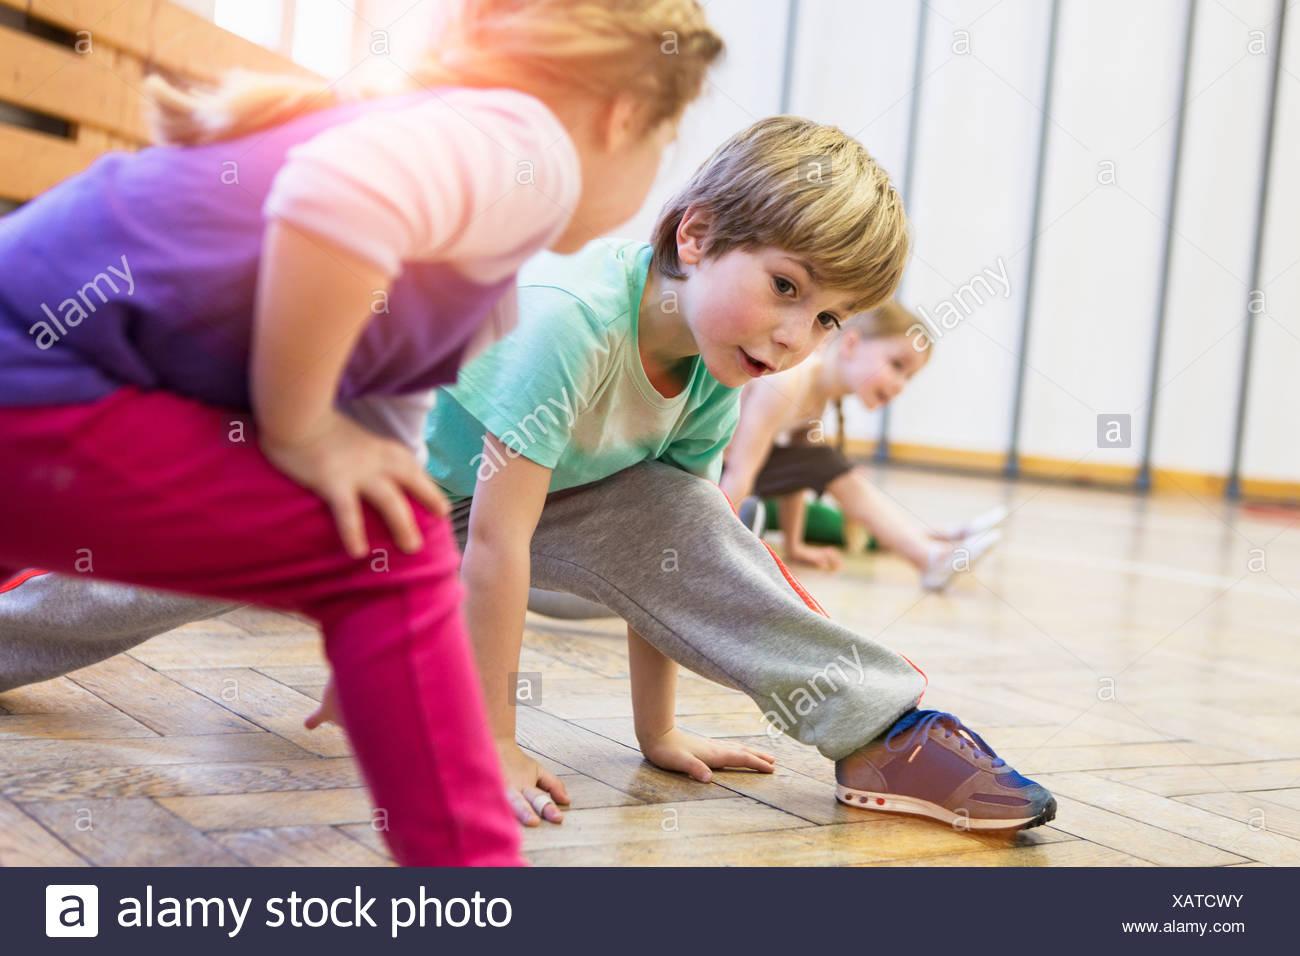 Kinder, dehnen, Beine angewinkelt, nach vorne lehnen Stockbild